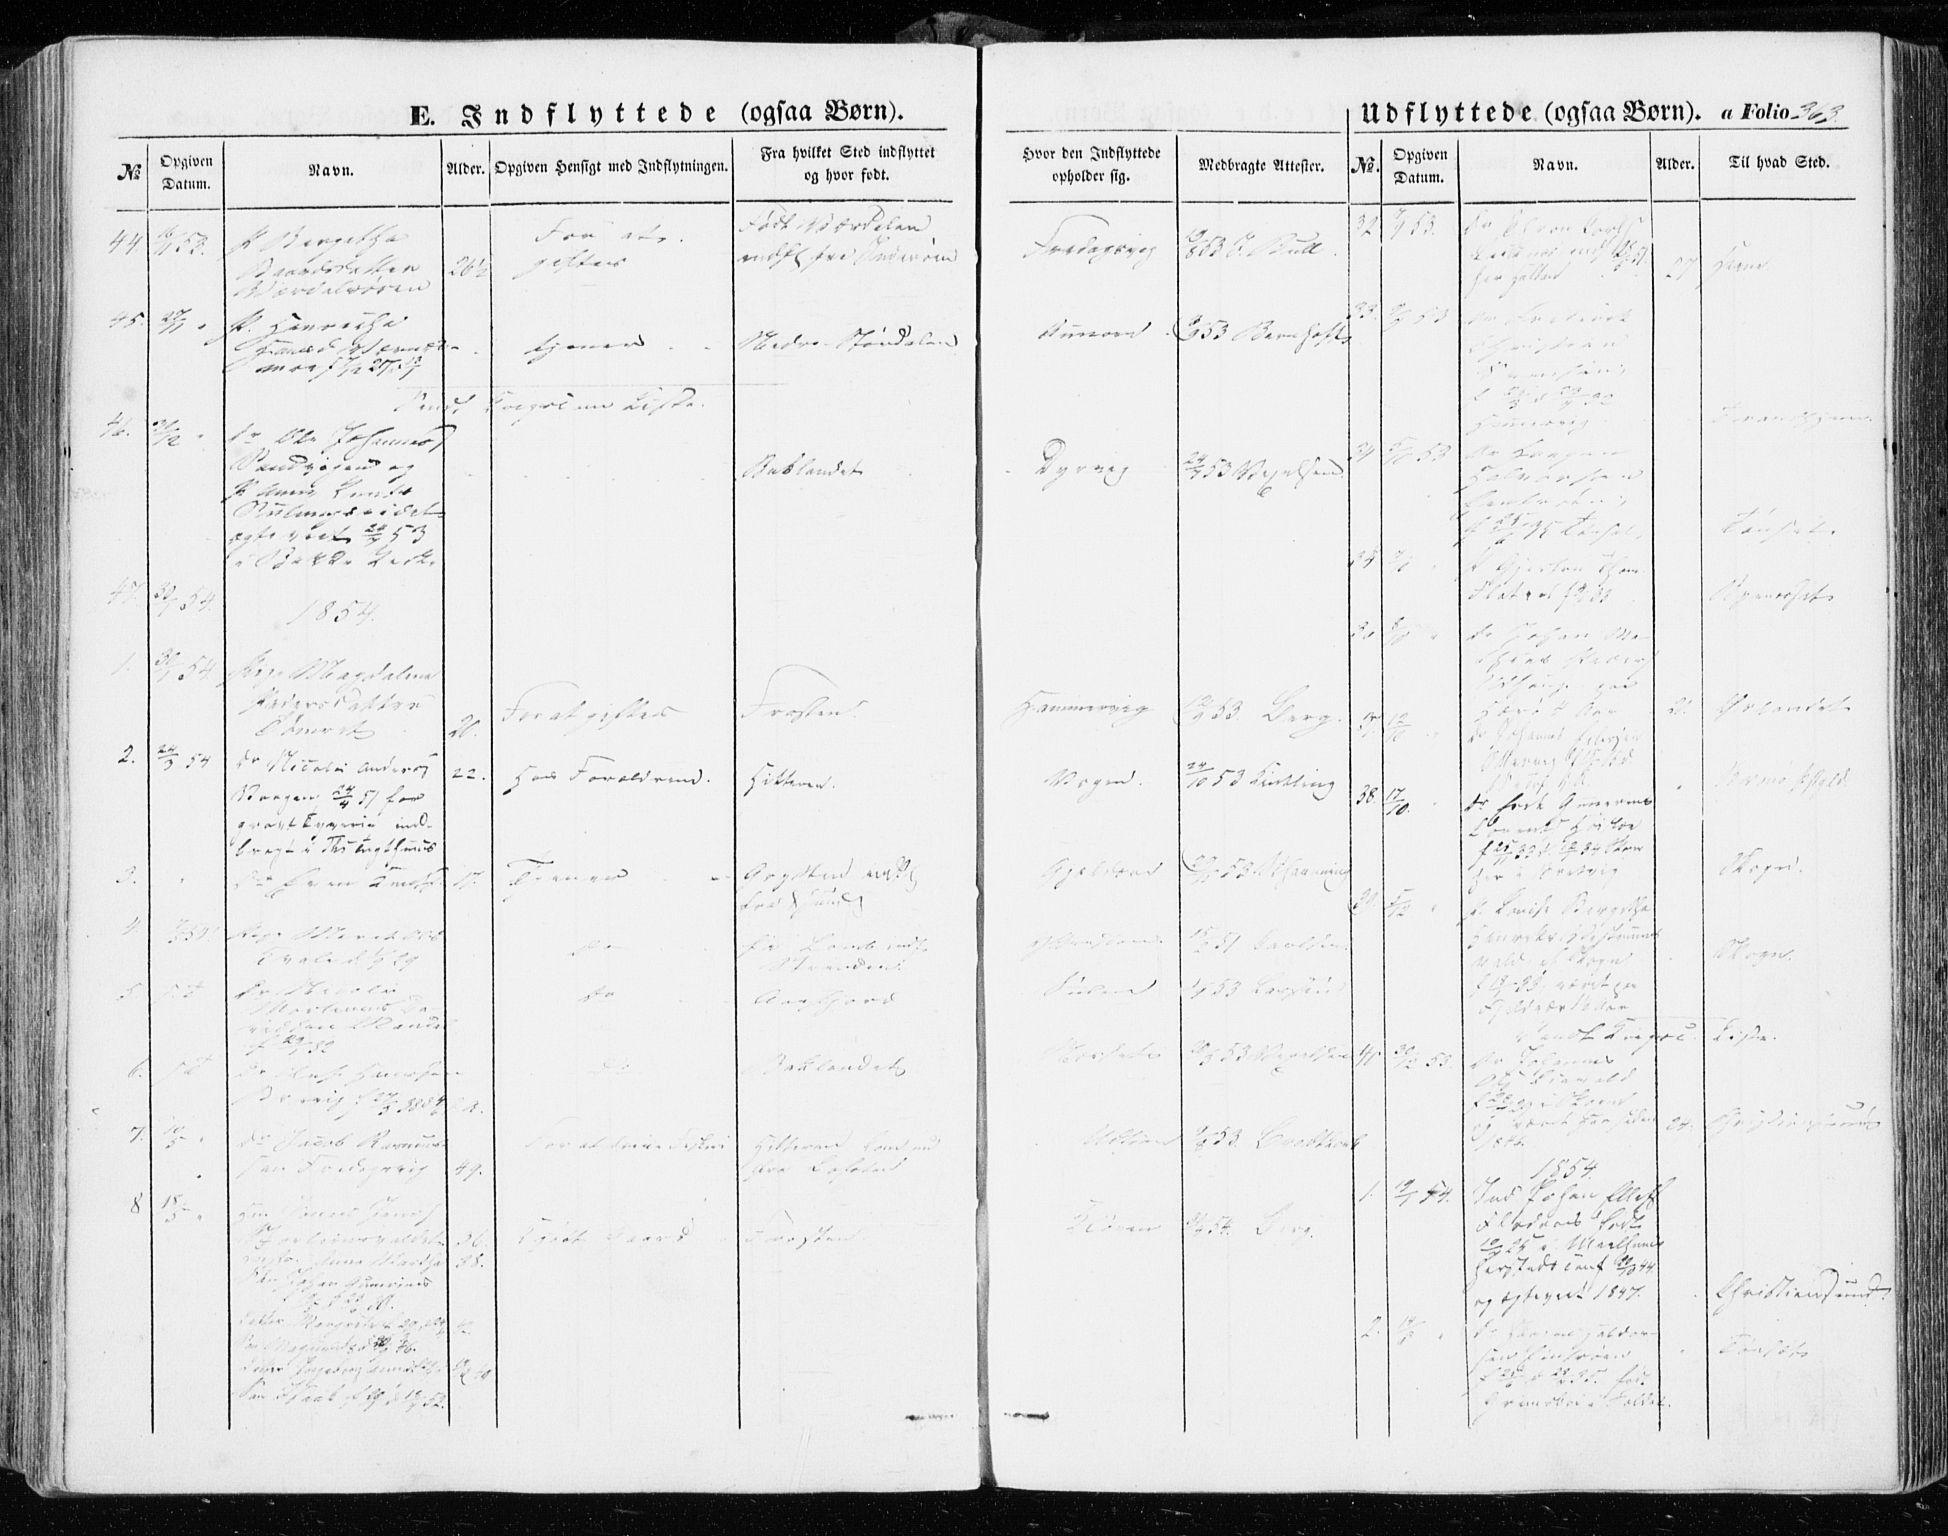 SAT, Ministerialprotokoller, klokkerbøker og fødselsregistre - Sør-Trøndelag, 634/L0530: Ministerialbok nr. 634A06, 1852-1860, s. 363